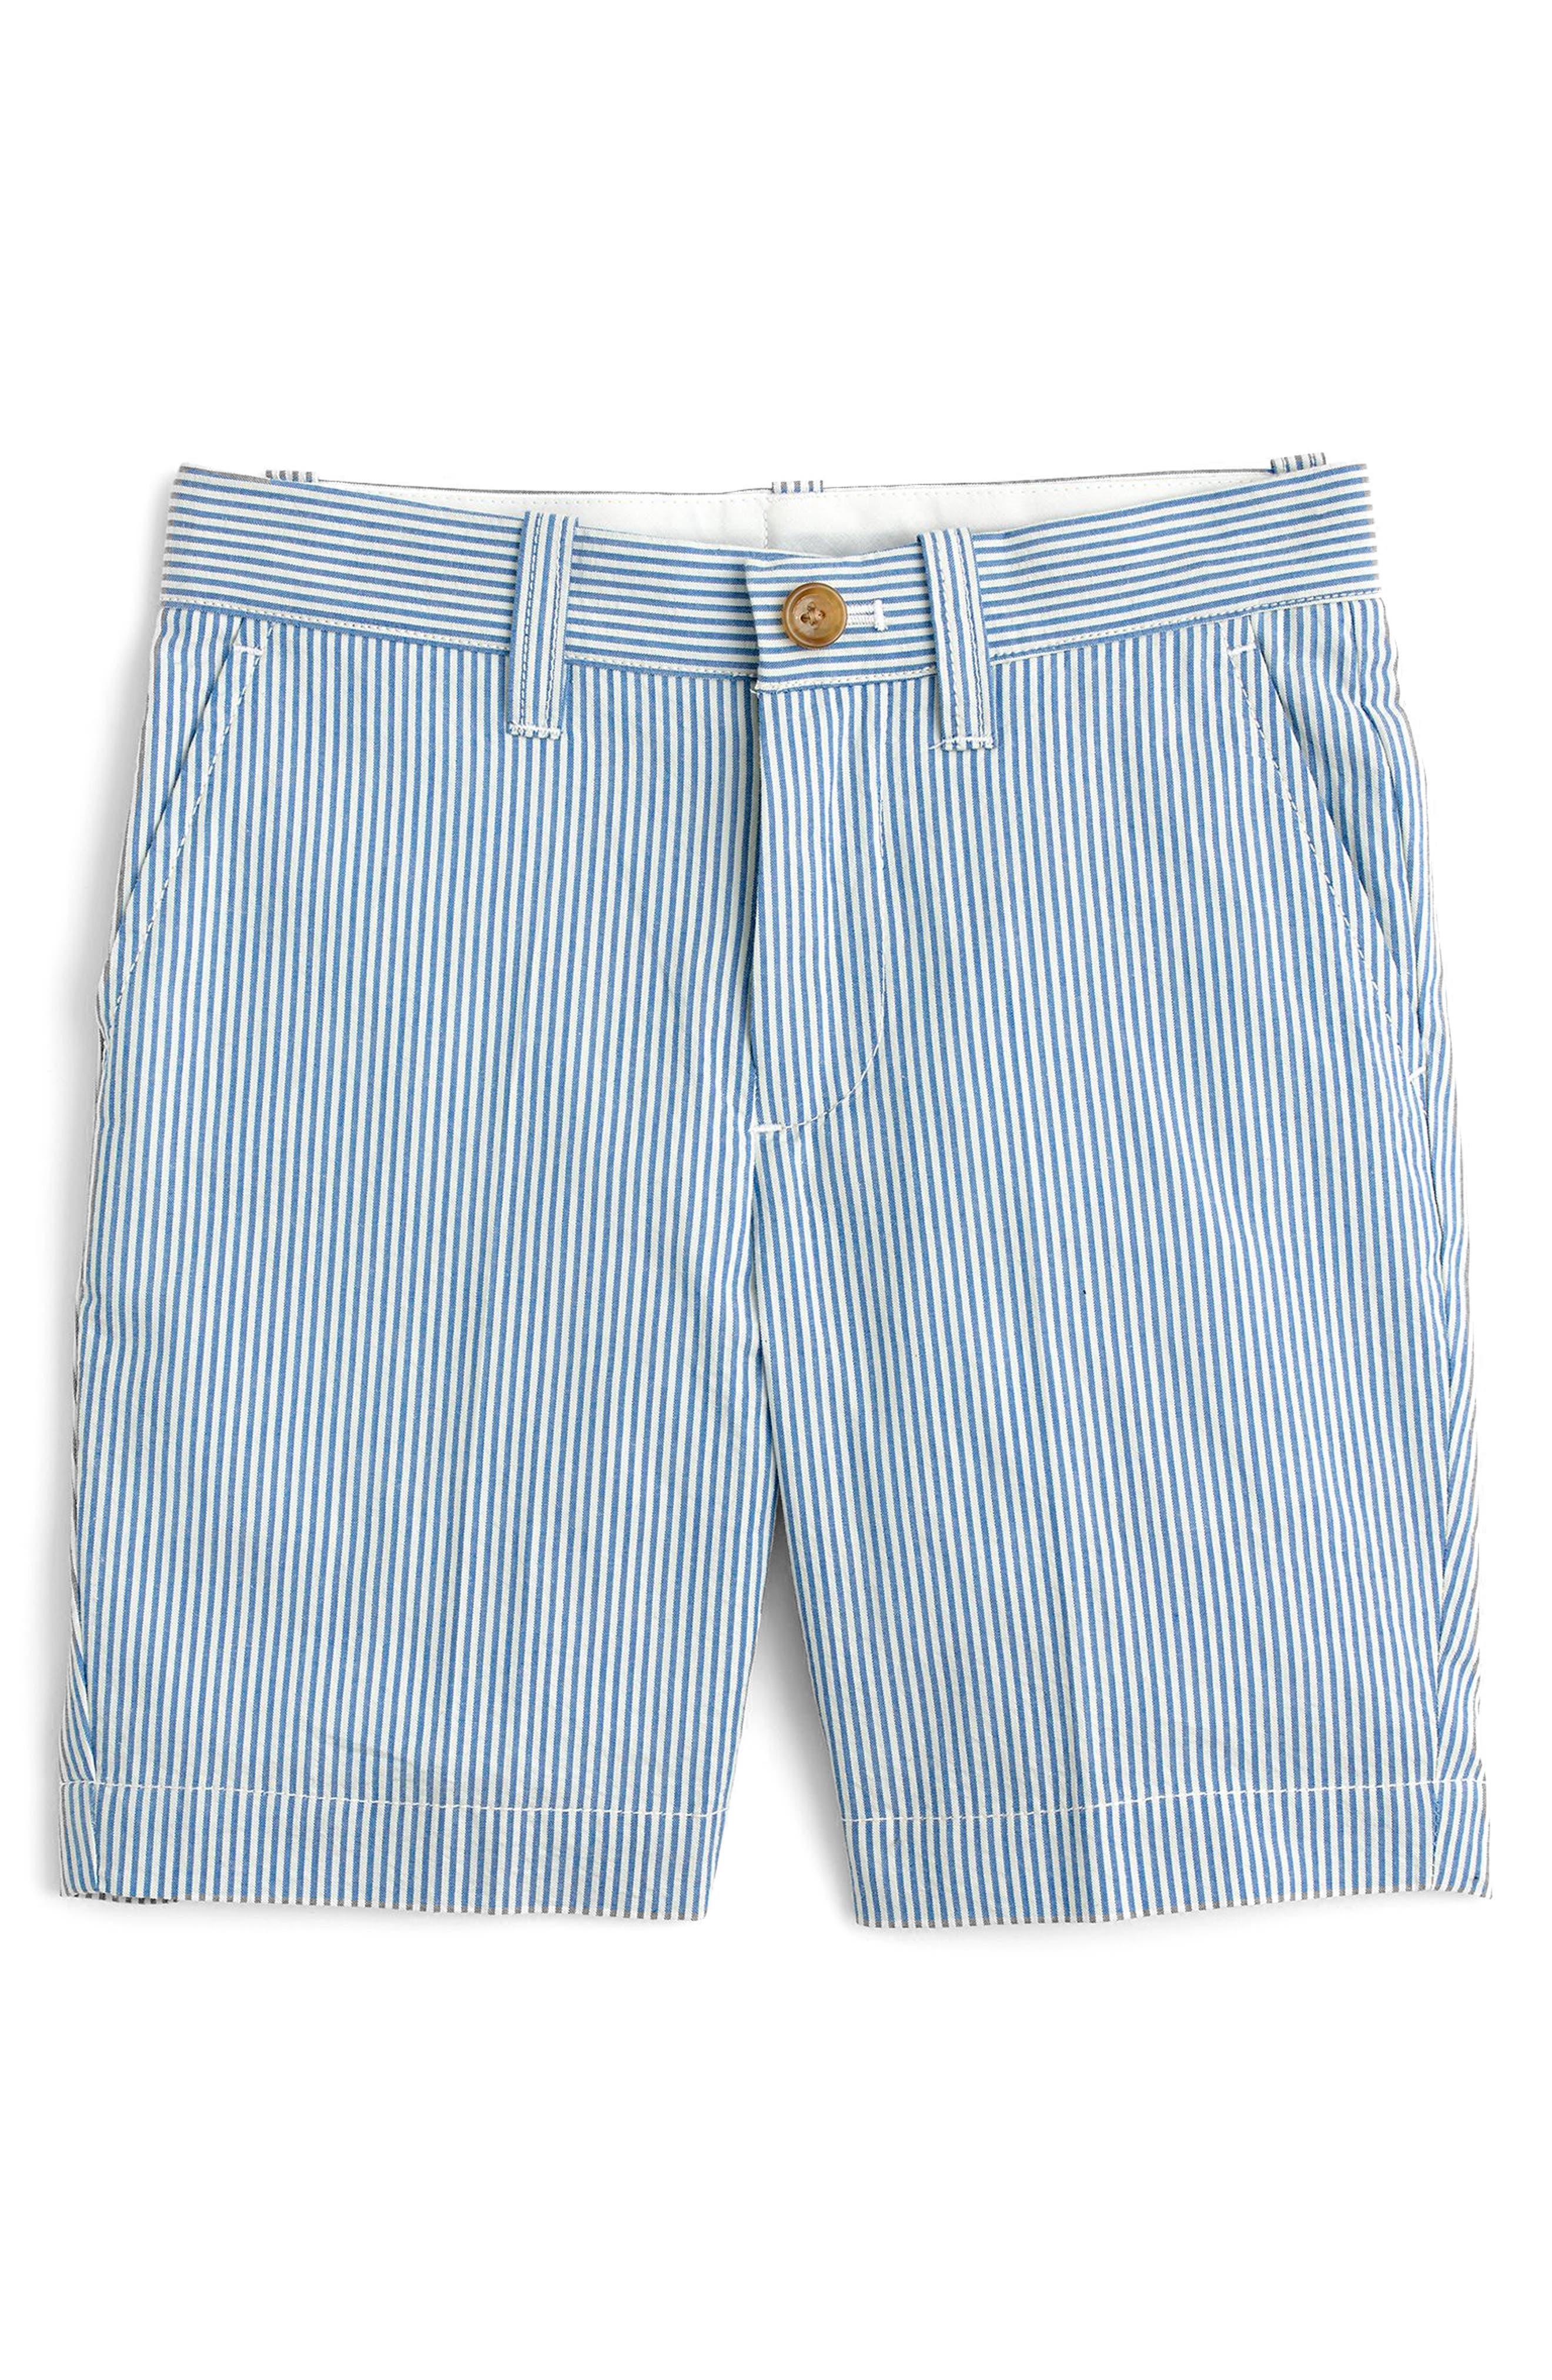 Seersucker Shorts,                         Main,                         color,